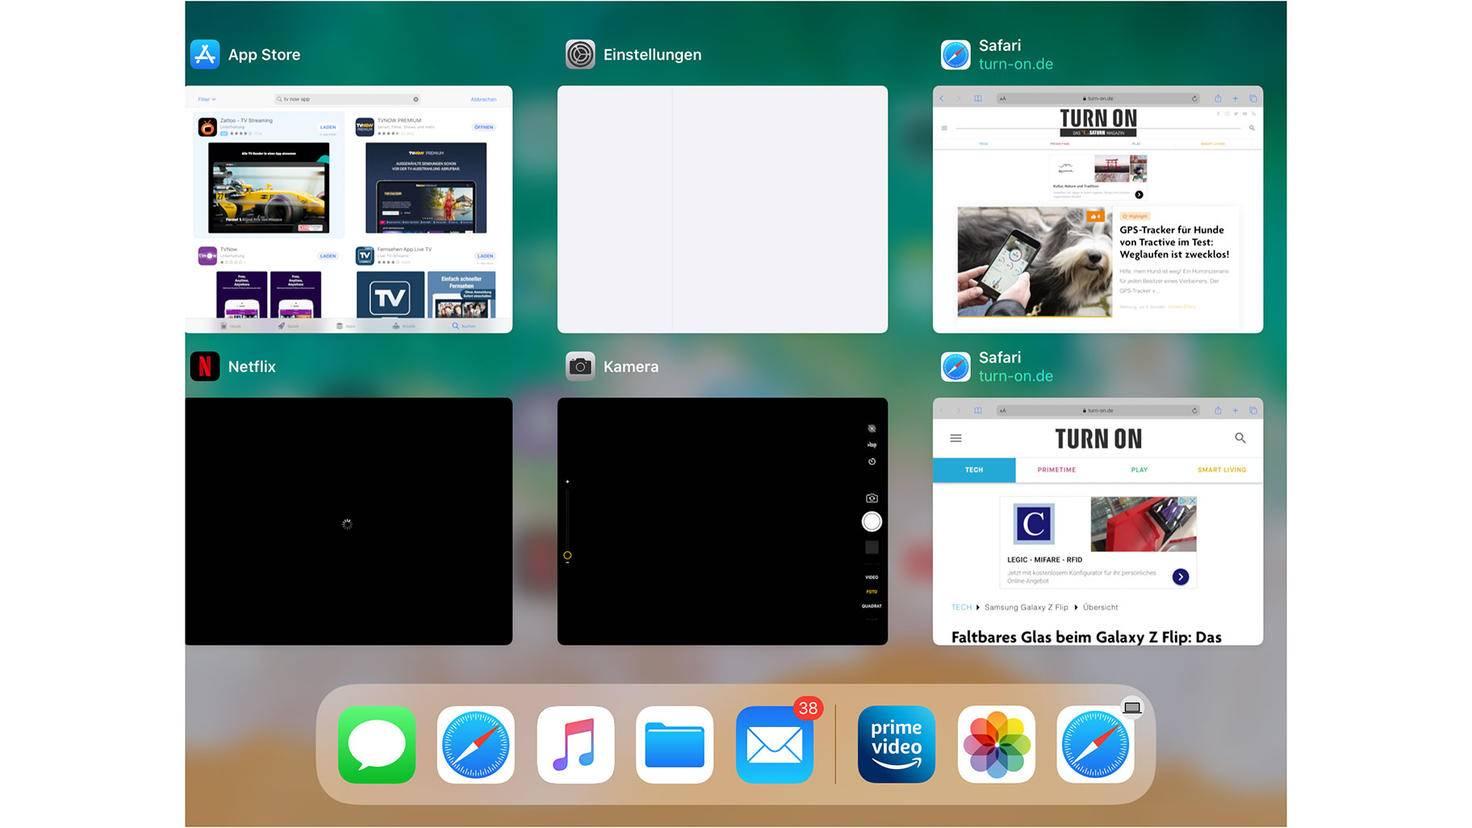 app-switcher-ipad